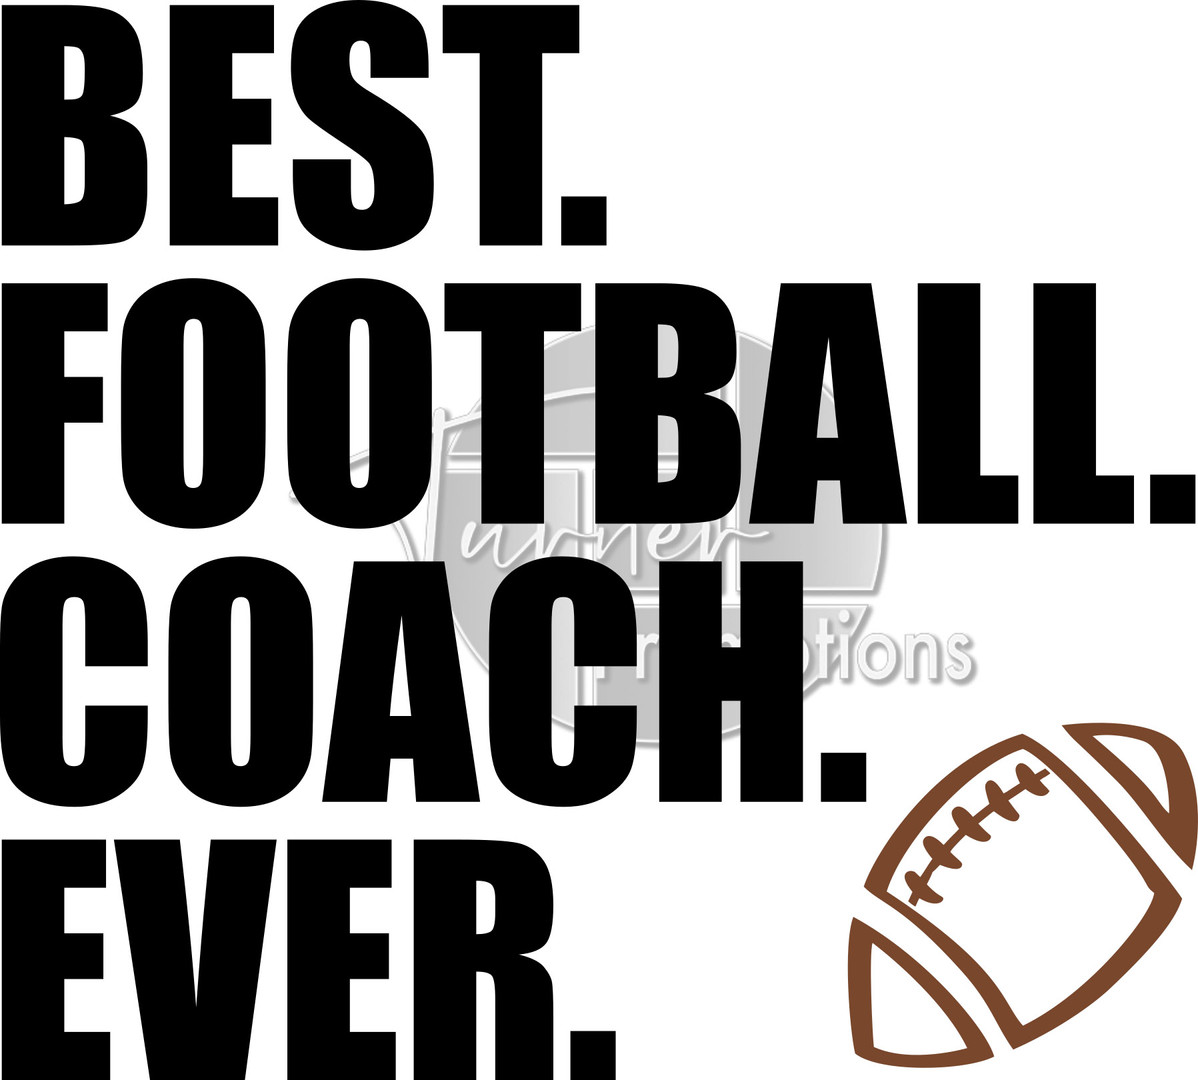 bestfootballcoachever2.jpg